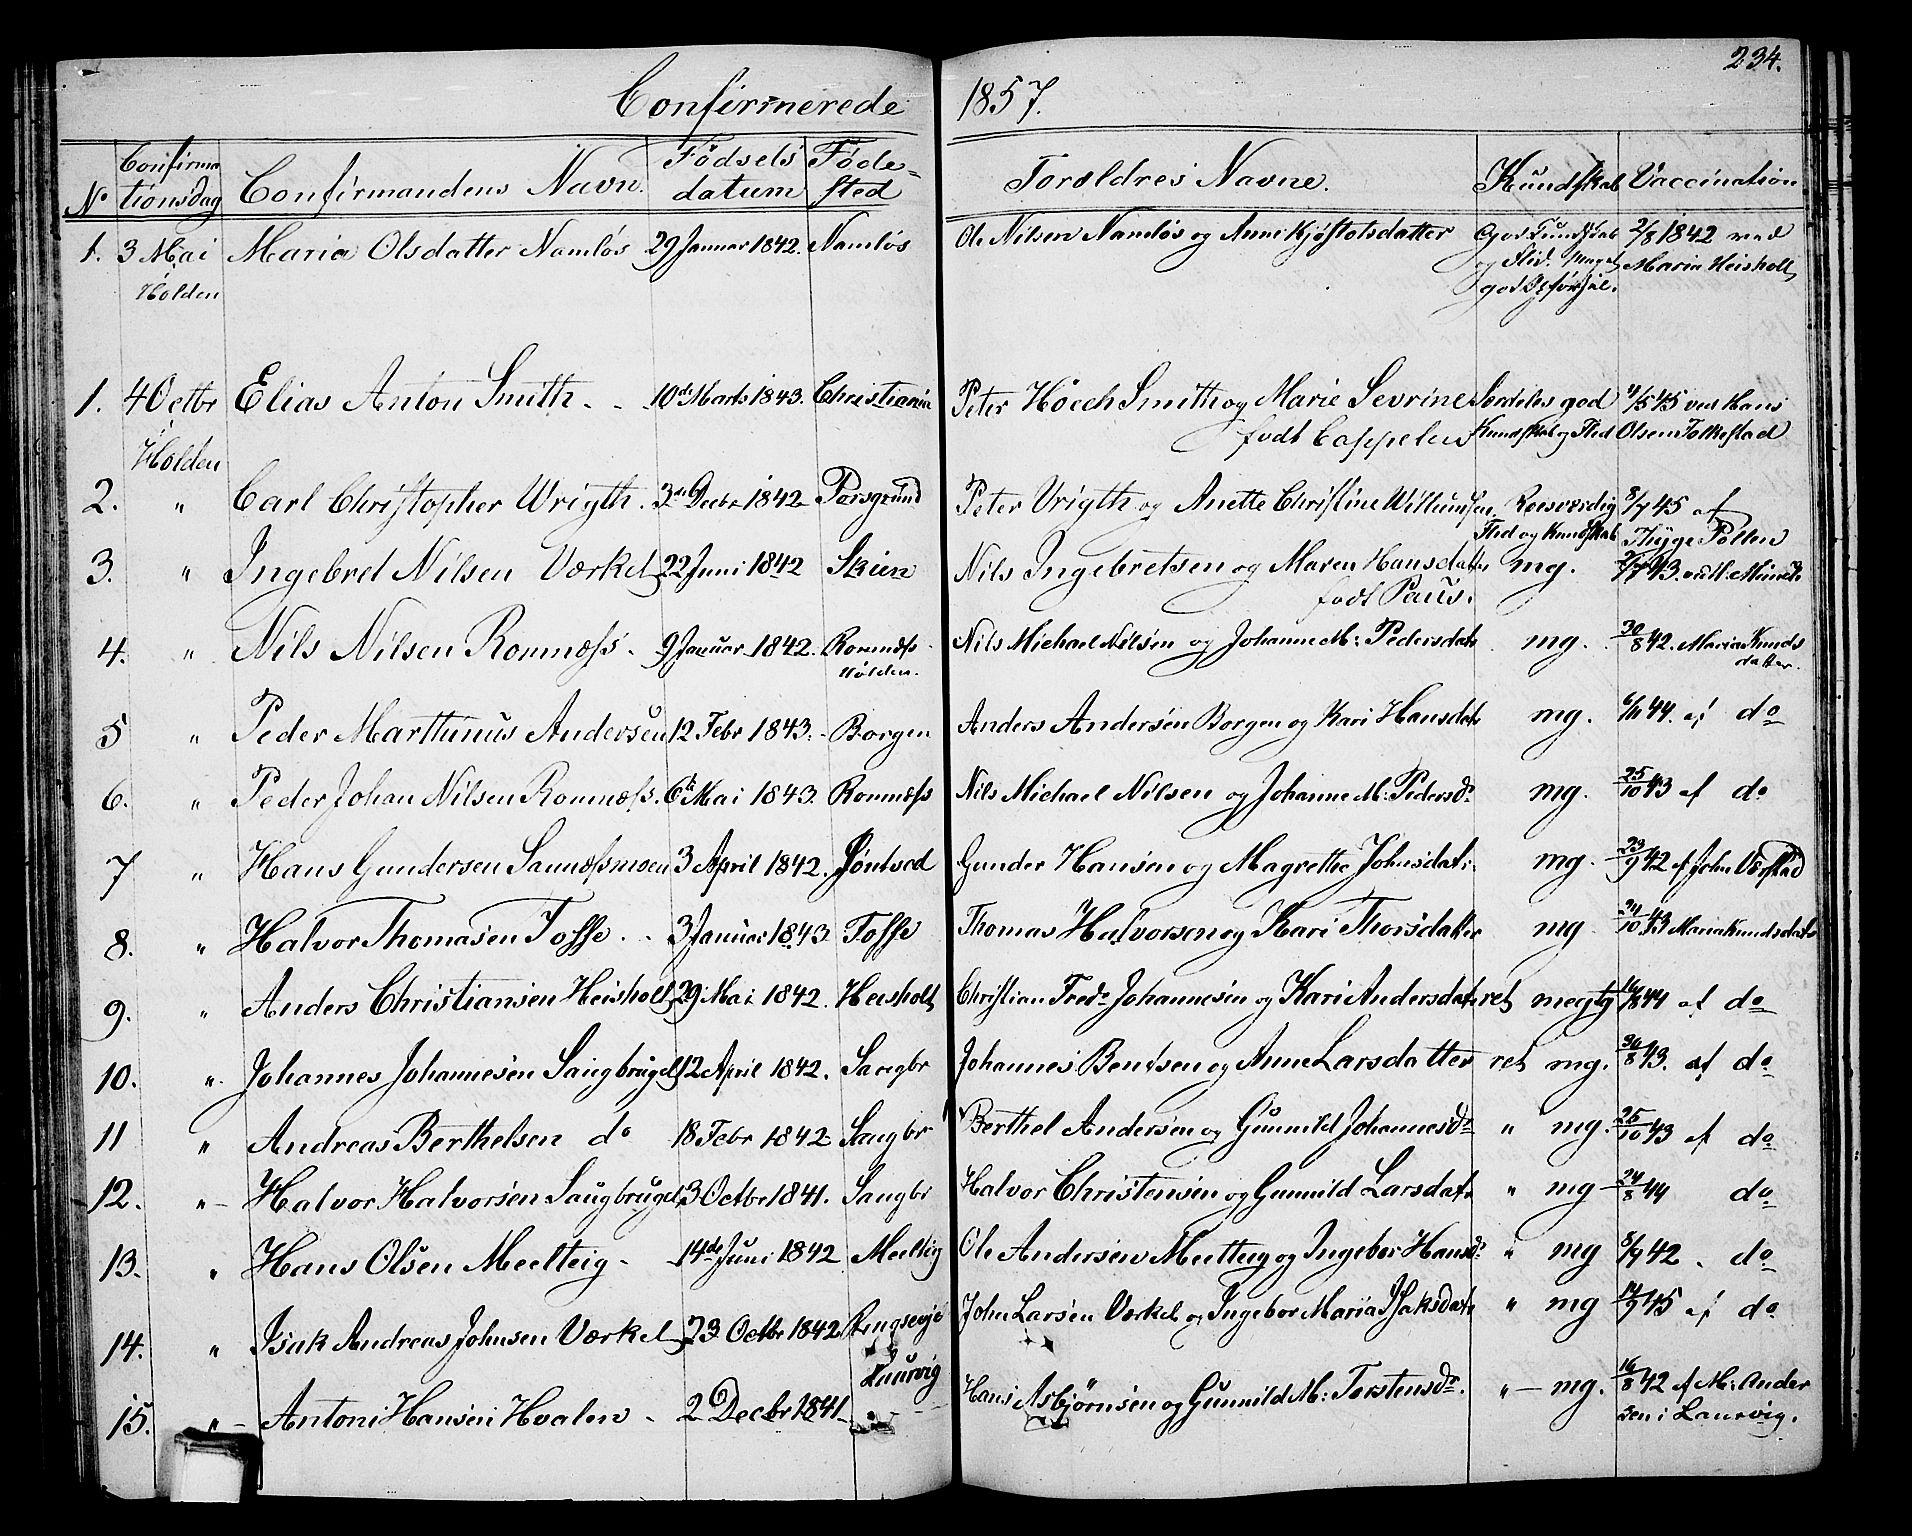 SAKO, Holla kirkebøker, G/Ga/L0003: Klokkerbok nr. I 3, 1849-1866, s. 234